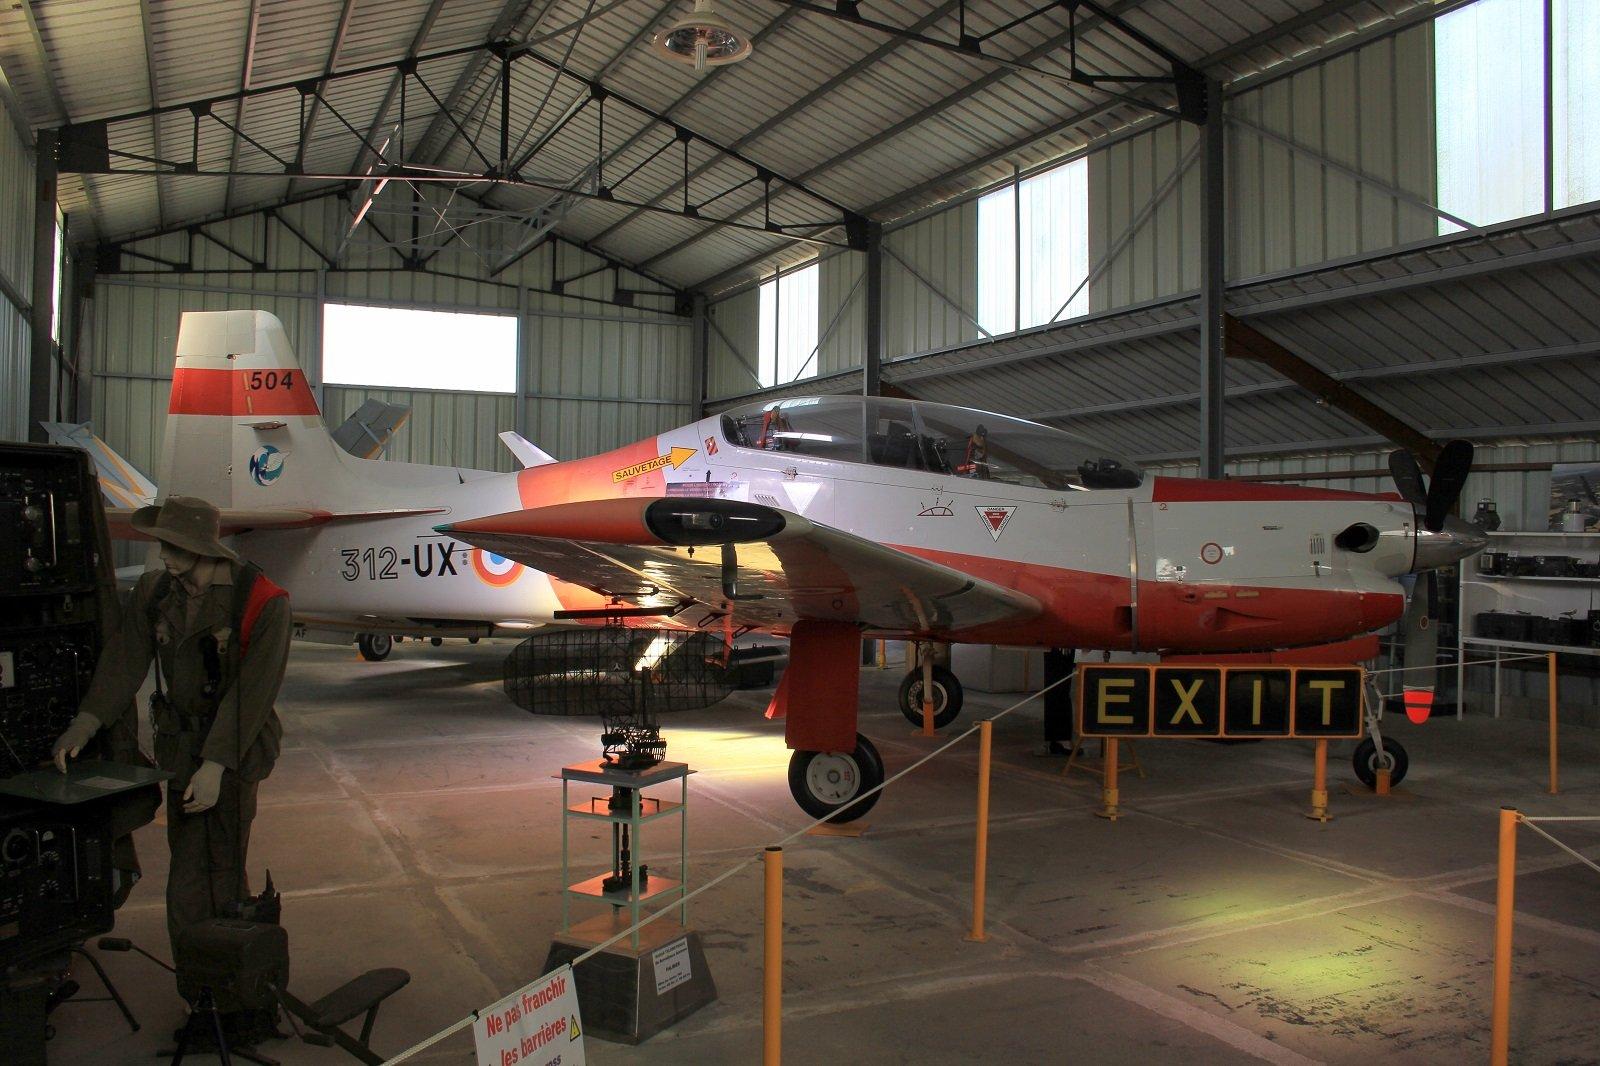 musée de l'aviation de chasse de Montelimar  - Page 2 191030070553568648